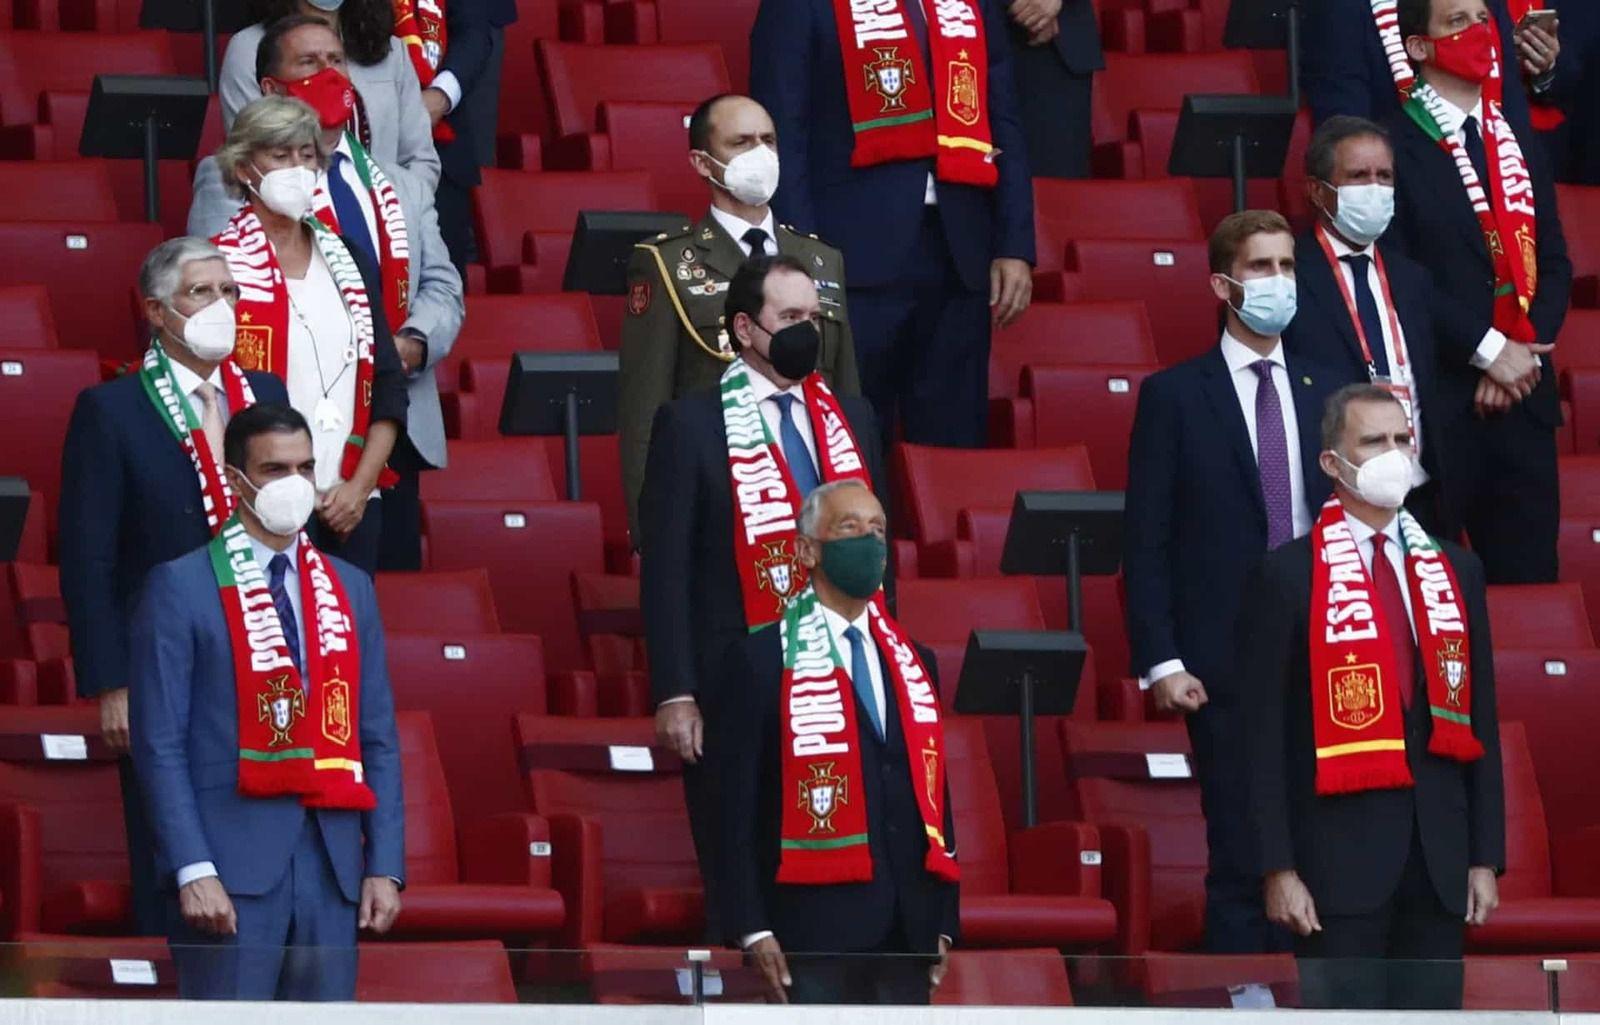 MADRID, ESPAGNE - 04 JUIN: Rodri d'Espagne se bat avec Pot of Portugal lors du match amical international entre l'Espagne et le Portugal à l'Estadio Wanda Metropolitano le 04 juin 2021 à MADRID, Espagne